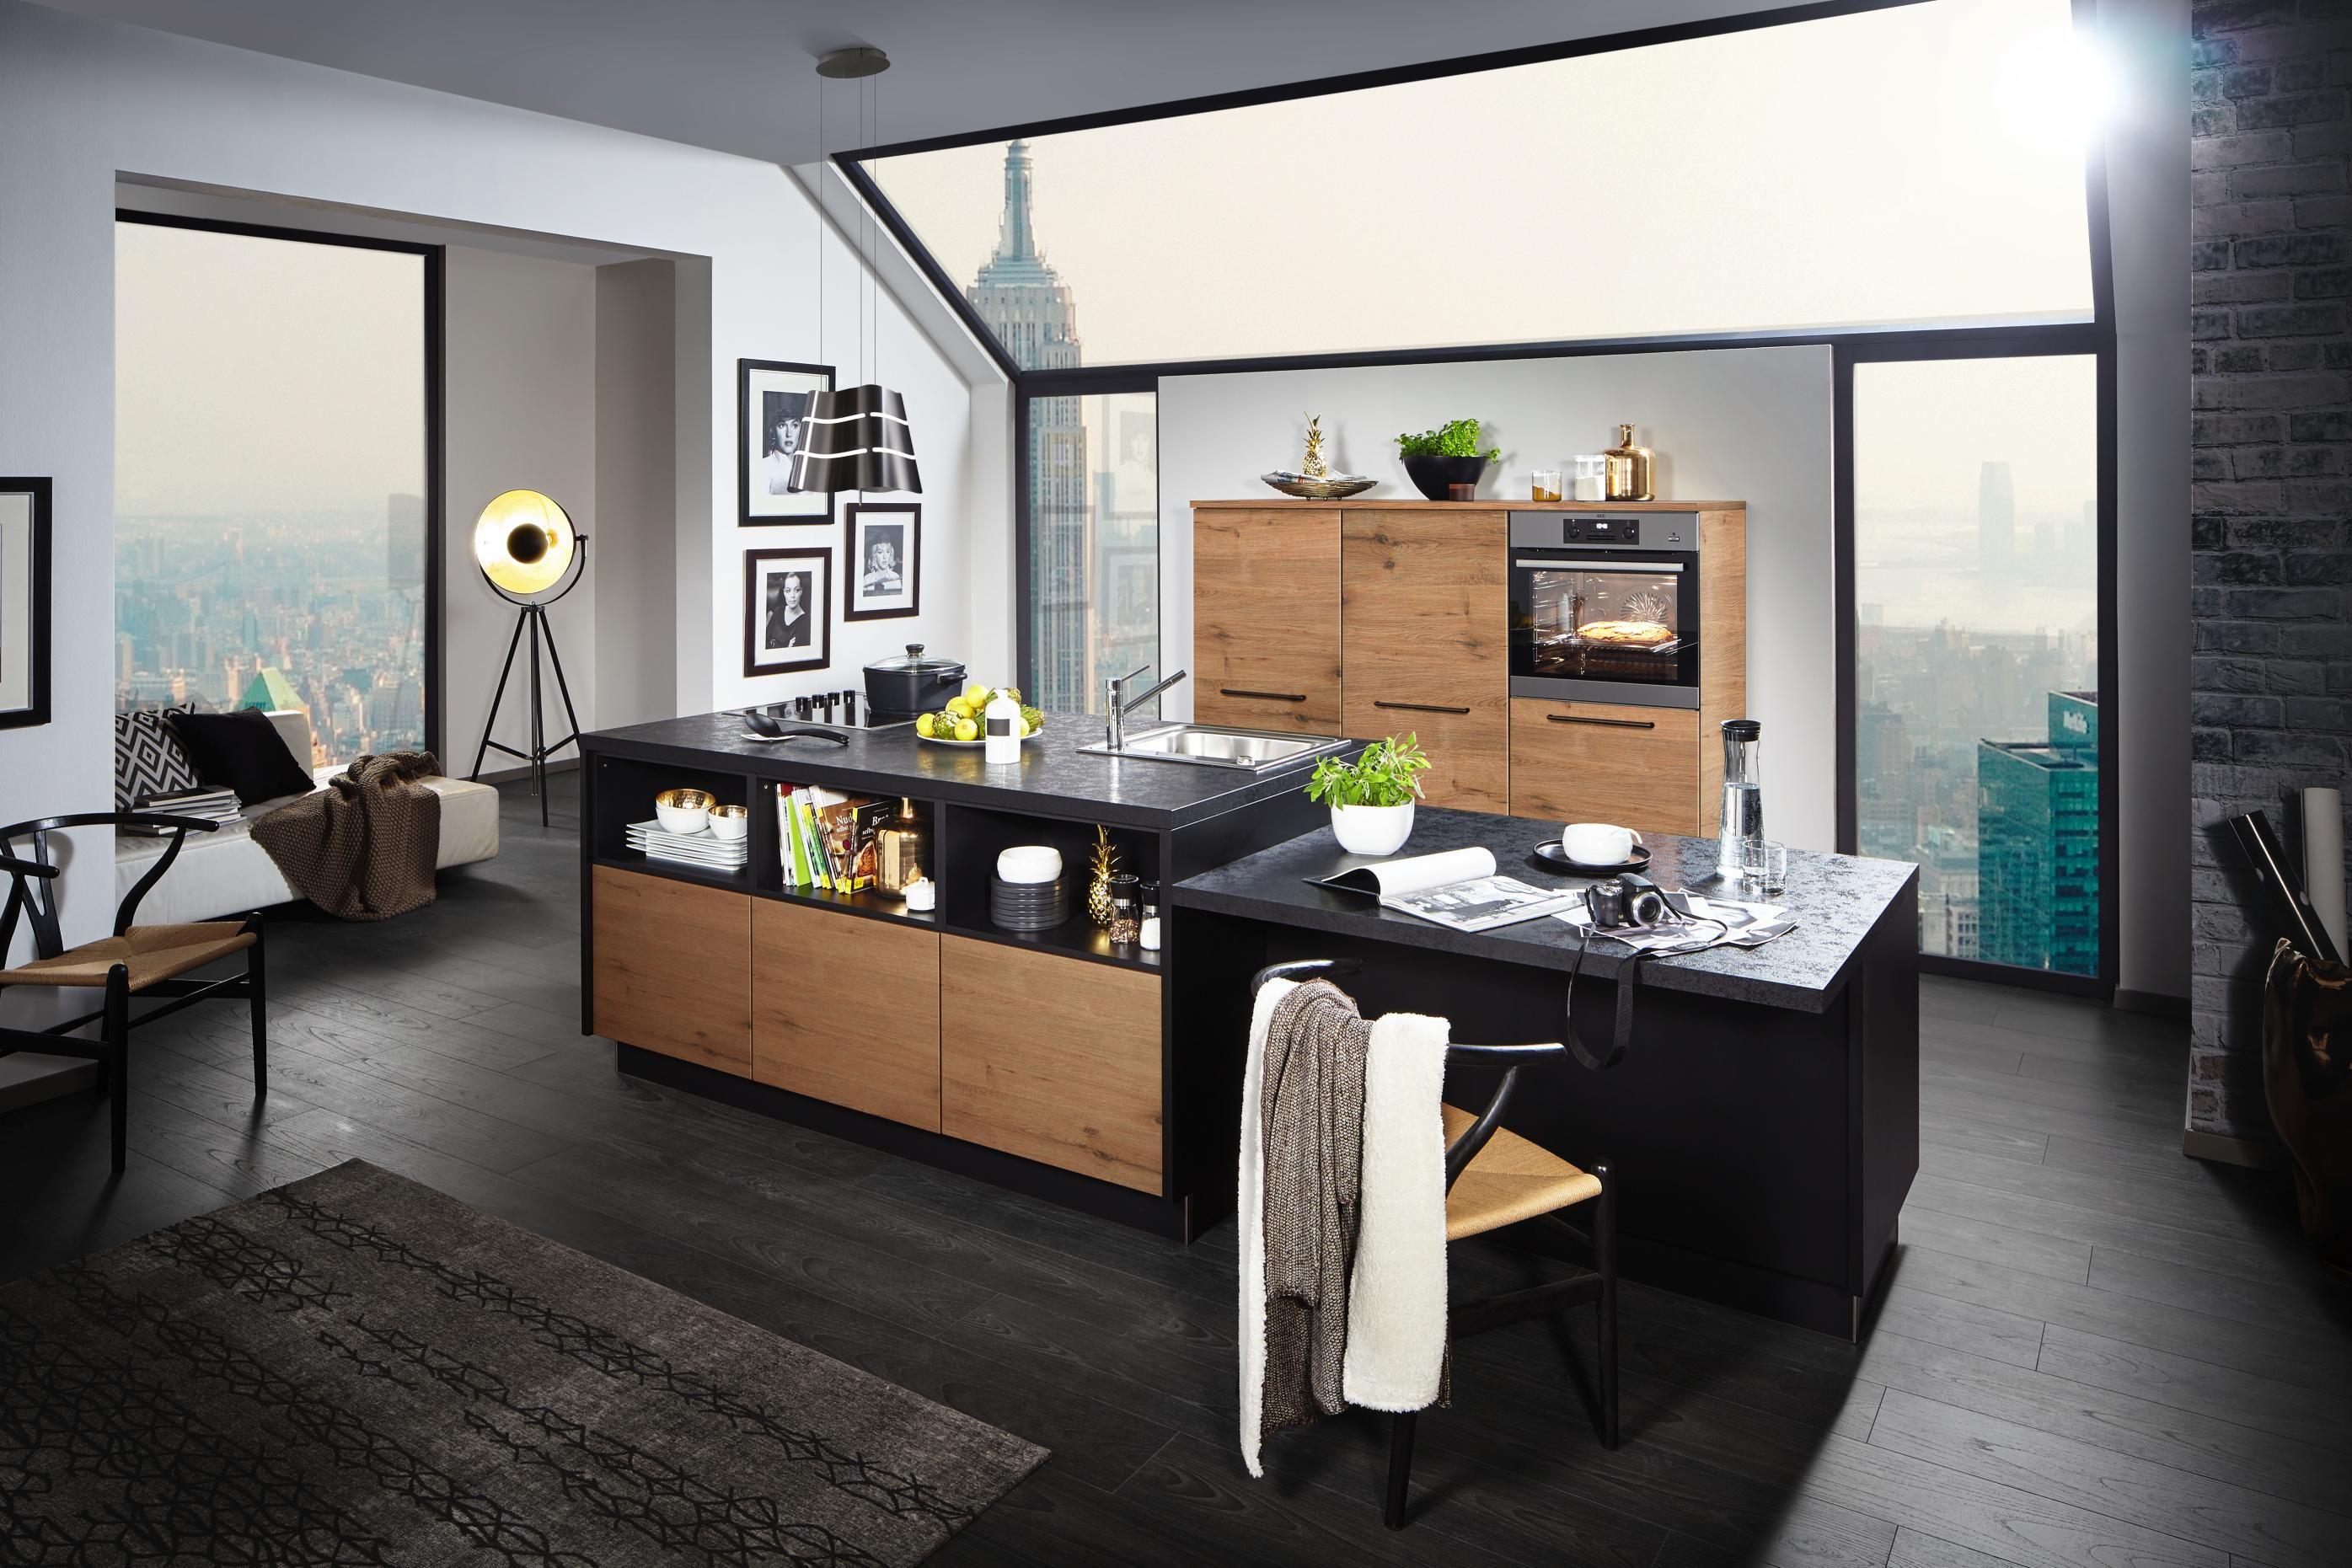 Designerküche mit praktischer Kücheninsel und feinen Extras aus Holz ...